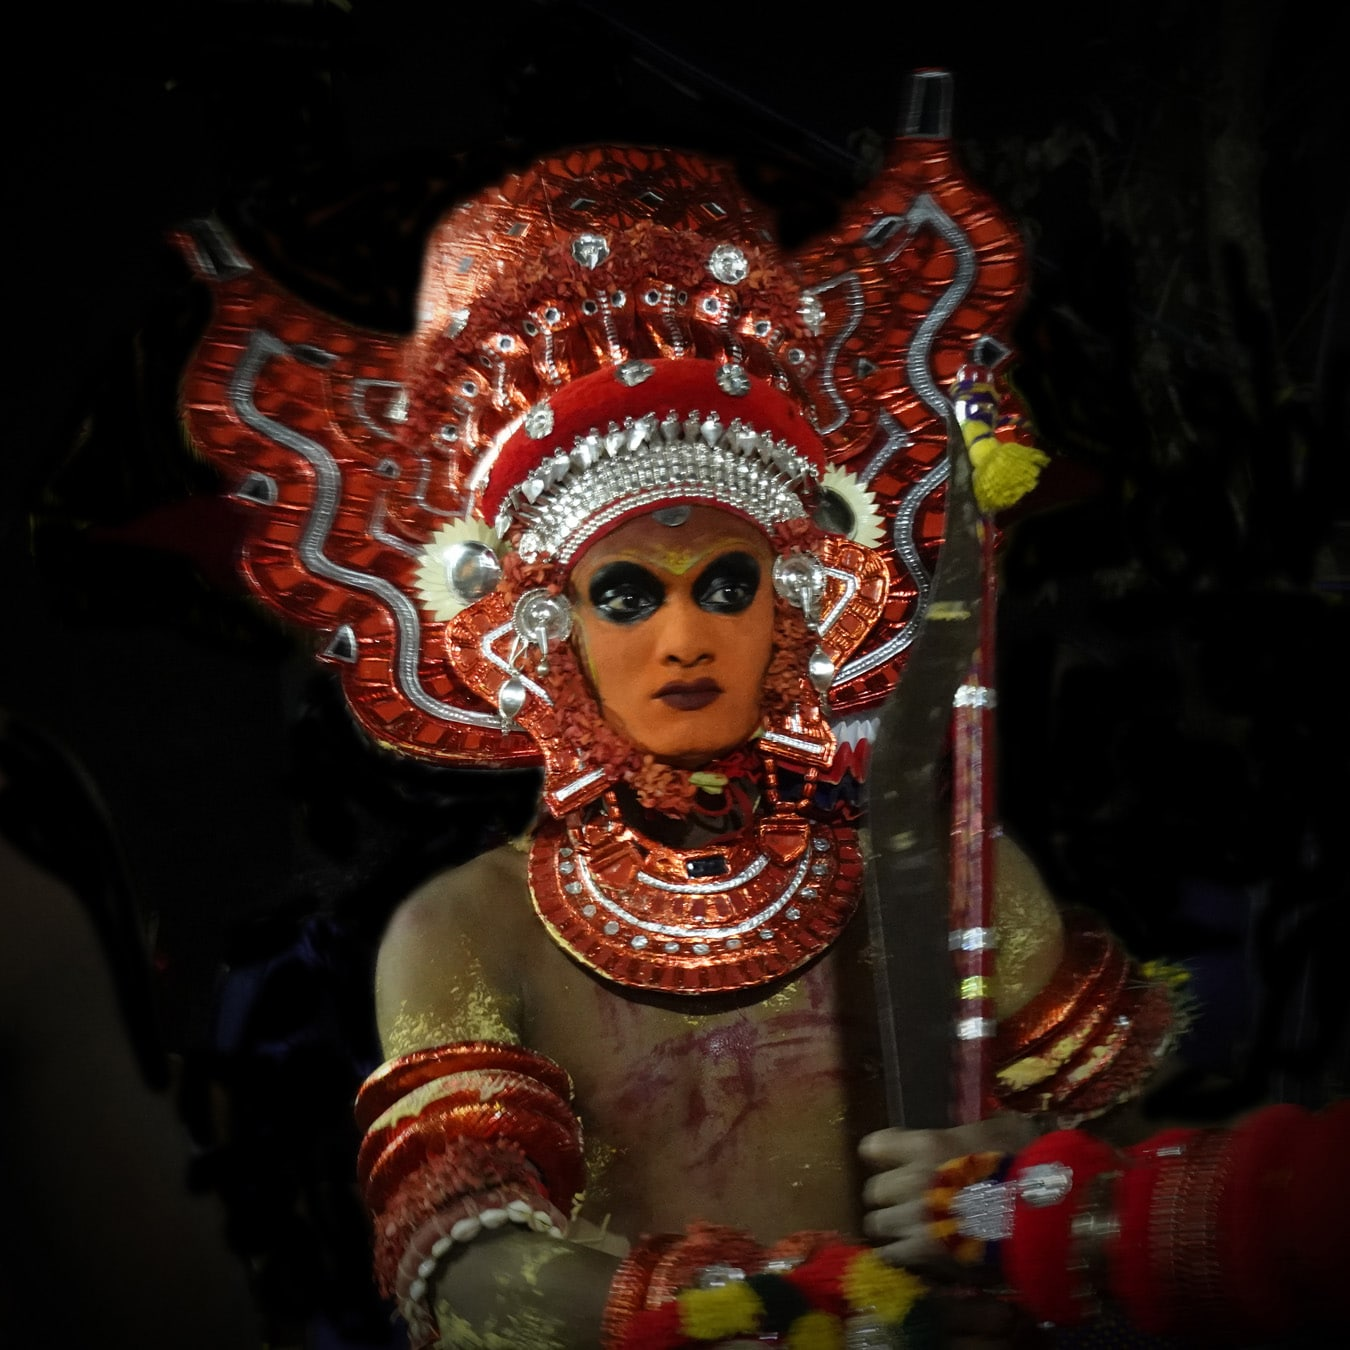 Vairajathan theyyam rituel du theyyam Kannur Malabar